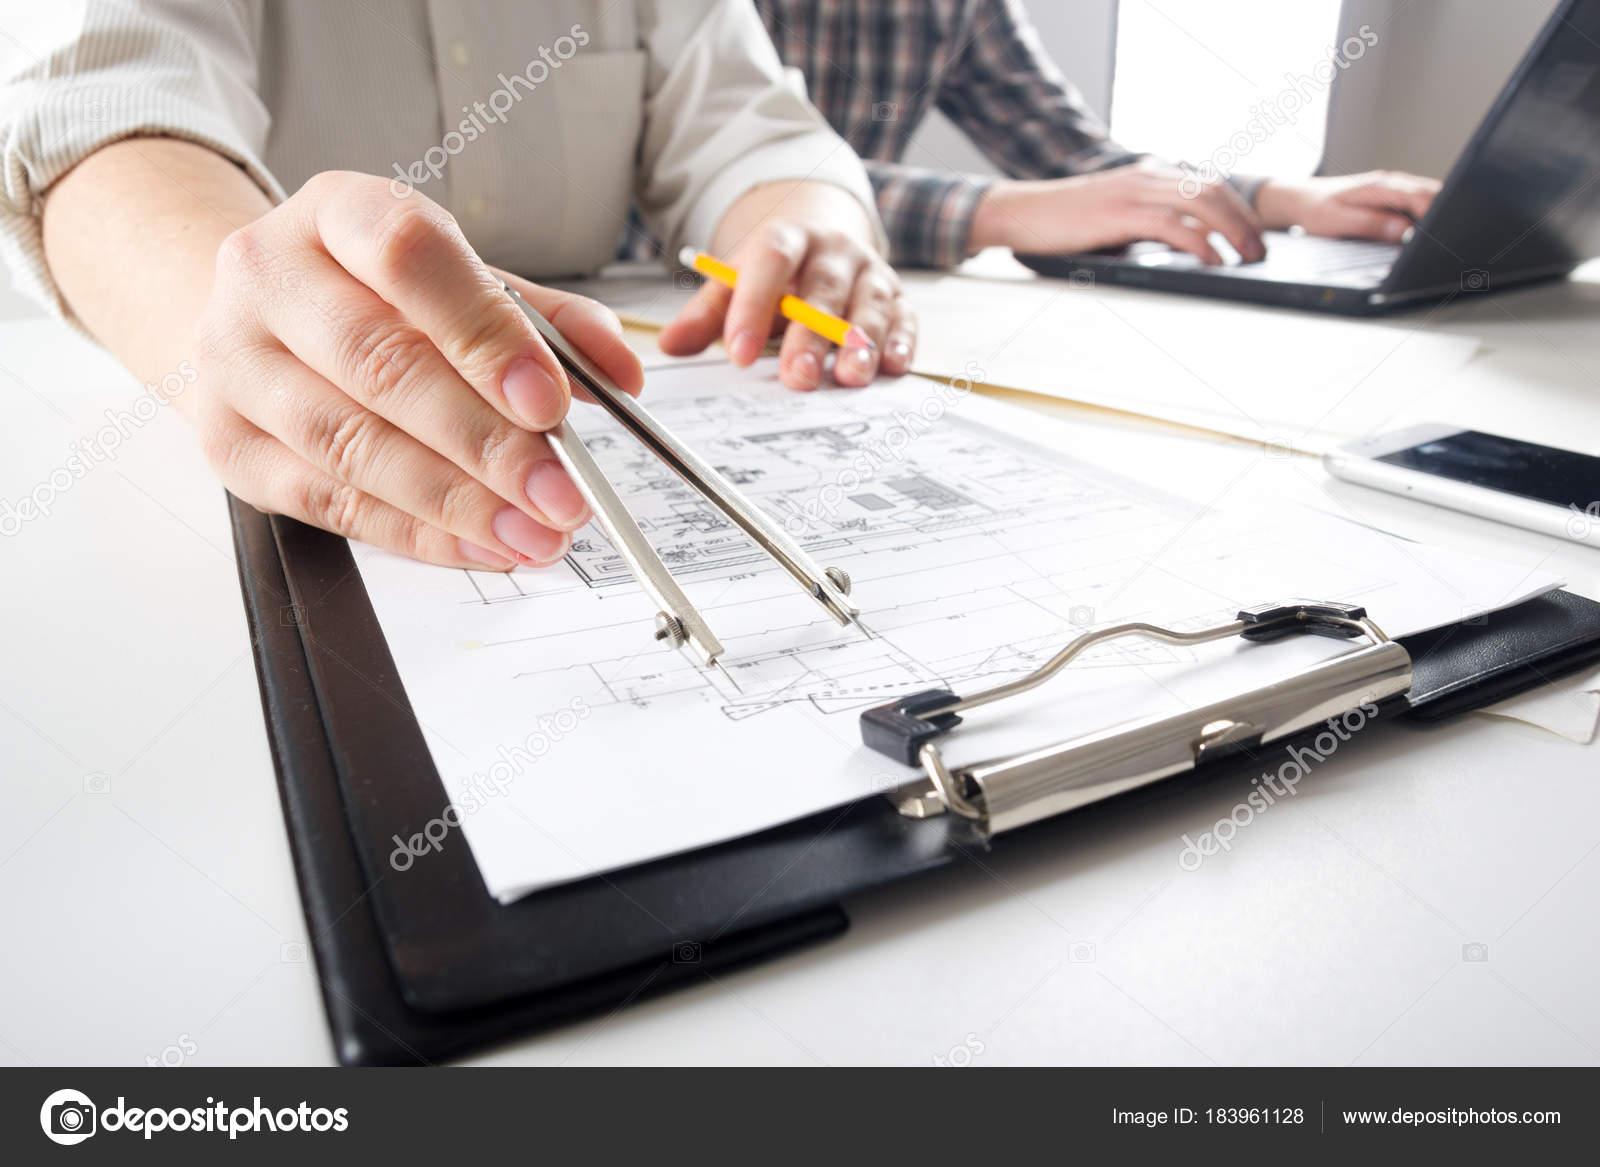 Архитектор работает над планом. Архитекторы рабочем месте.